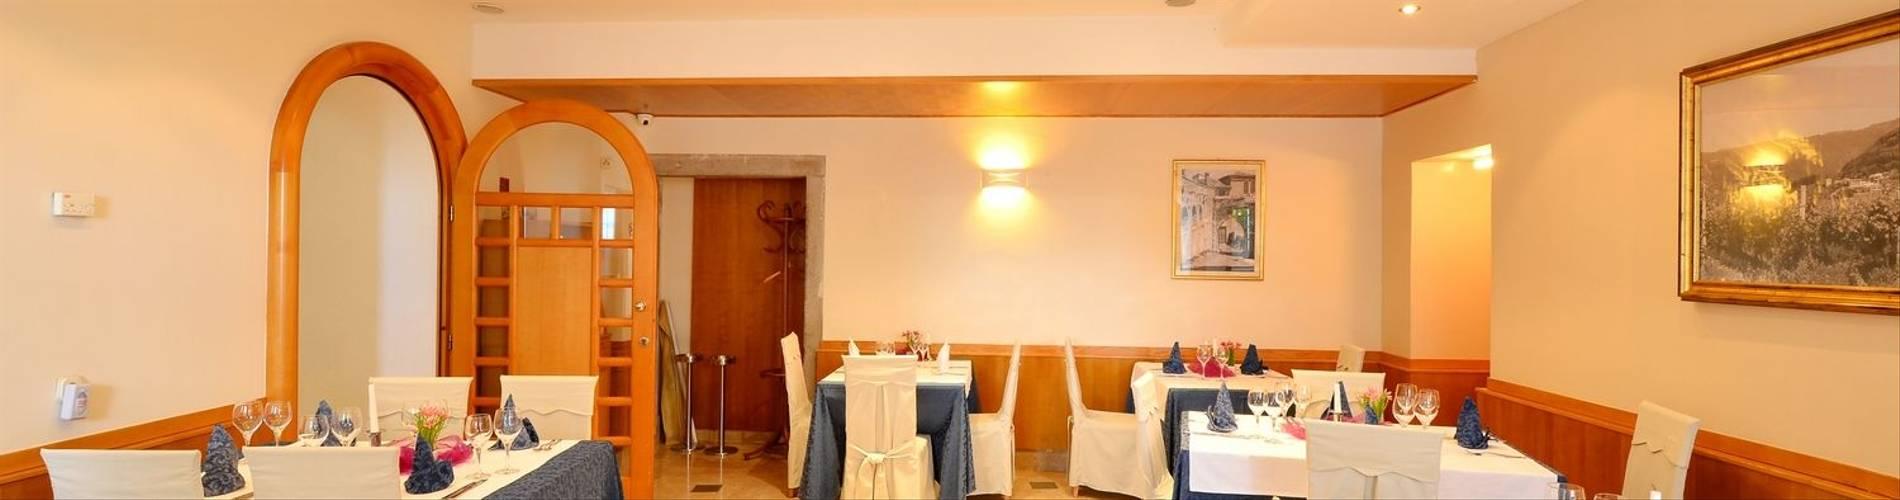 Restaurants-al-Kastel-Motovun-2014.jpg